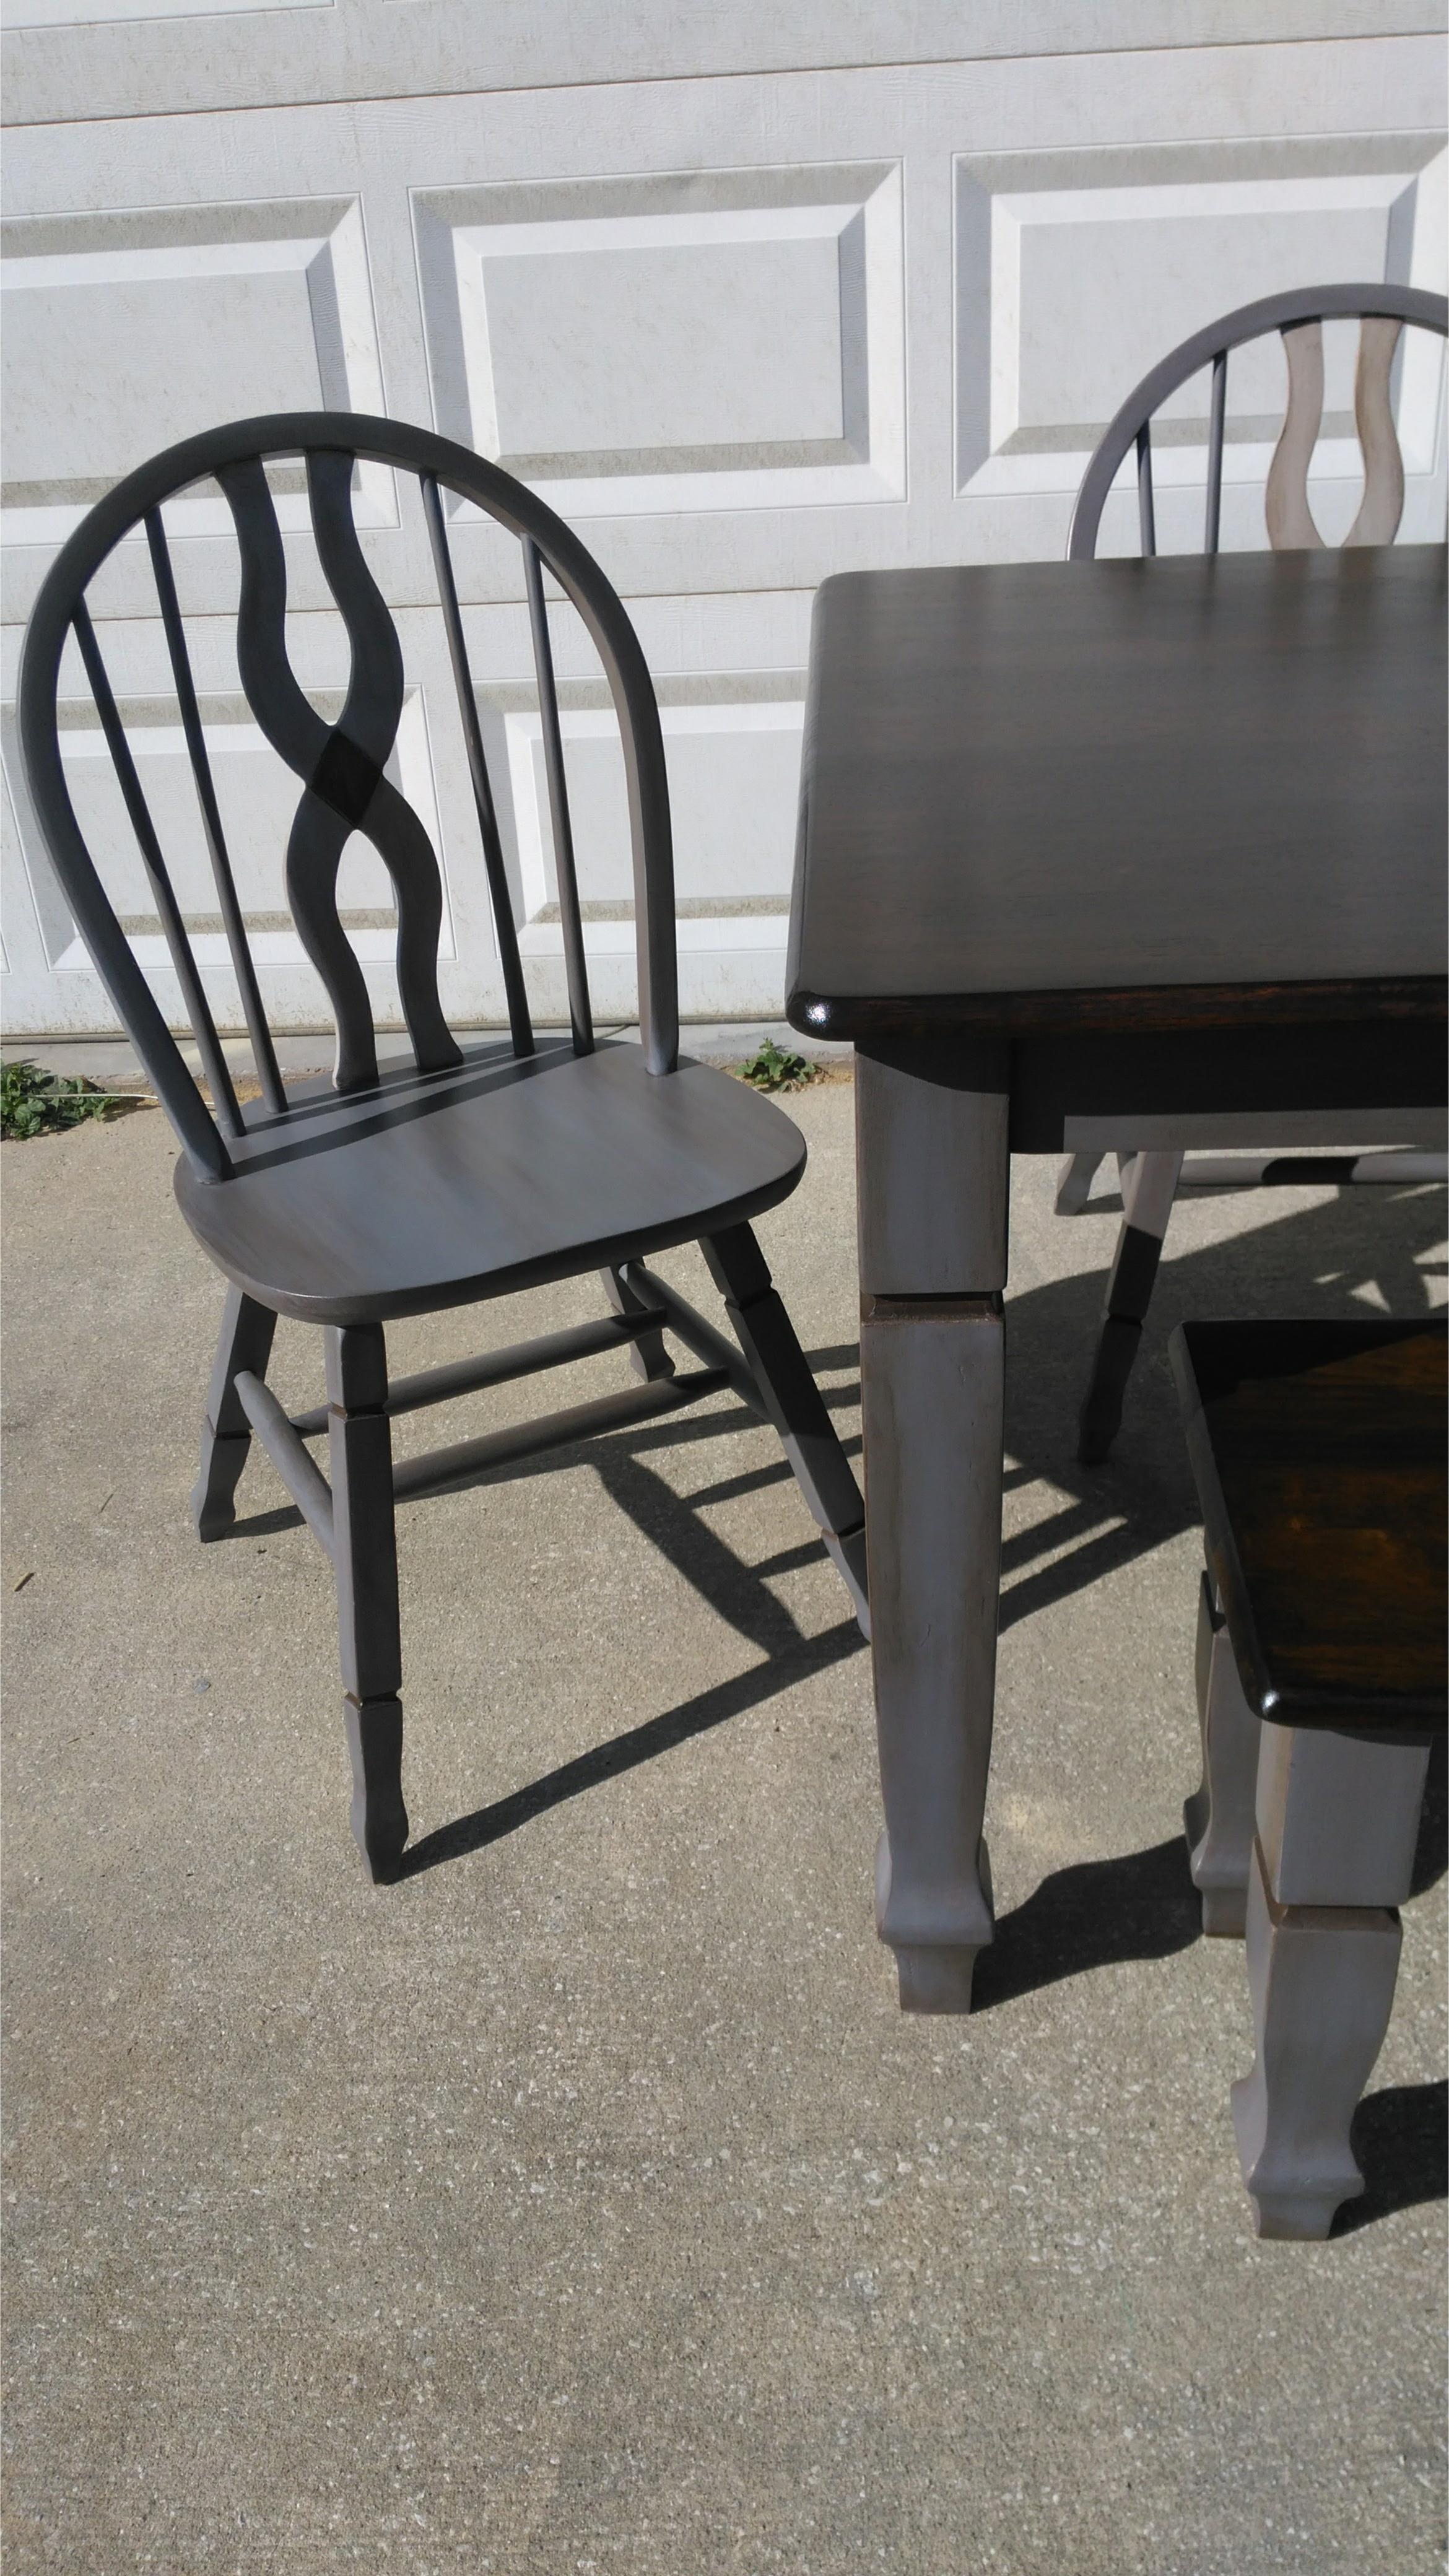 High-Gloss Finish Furniture